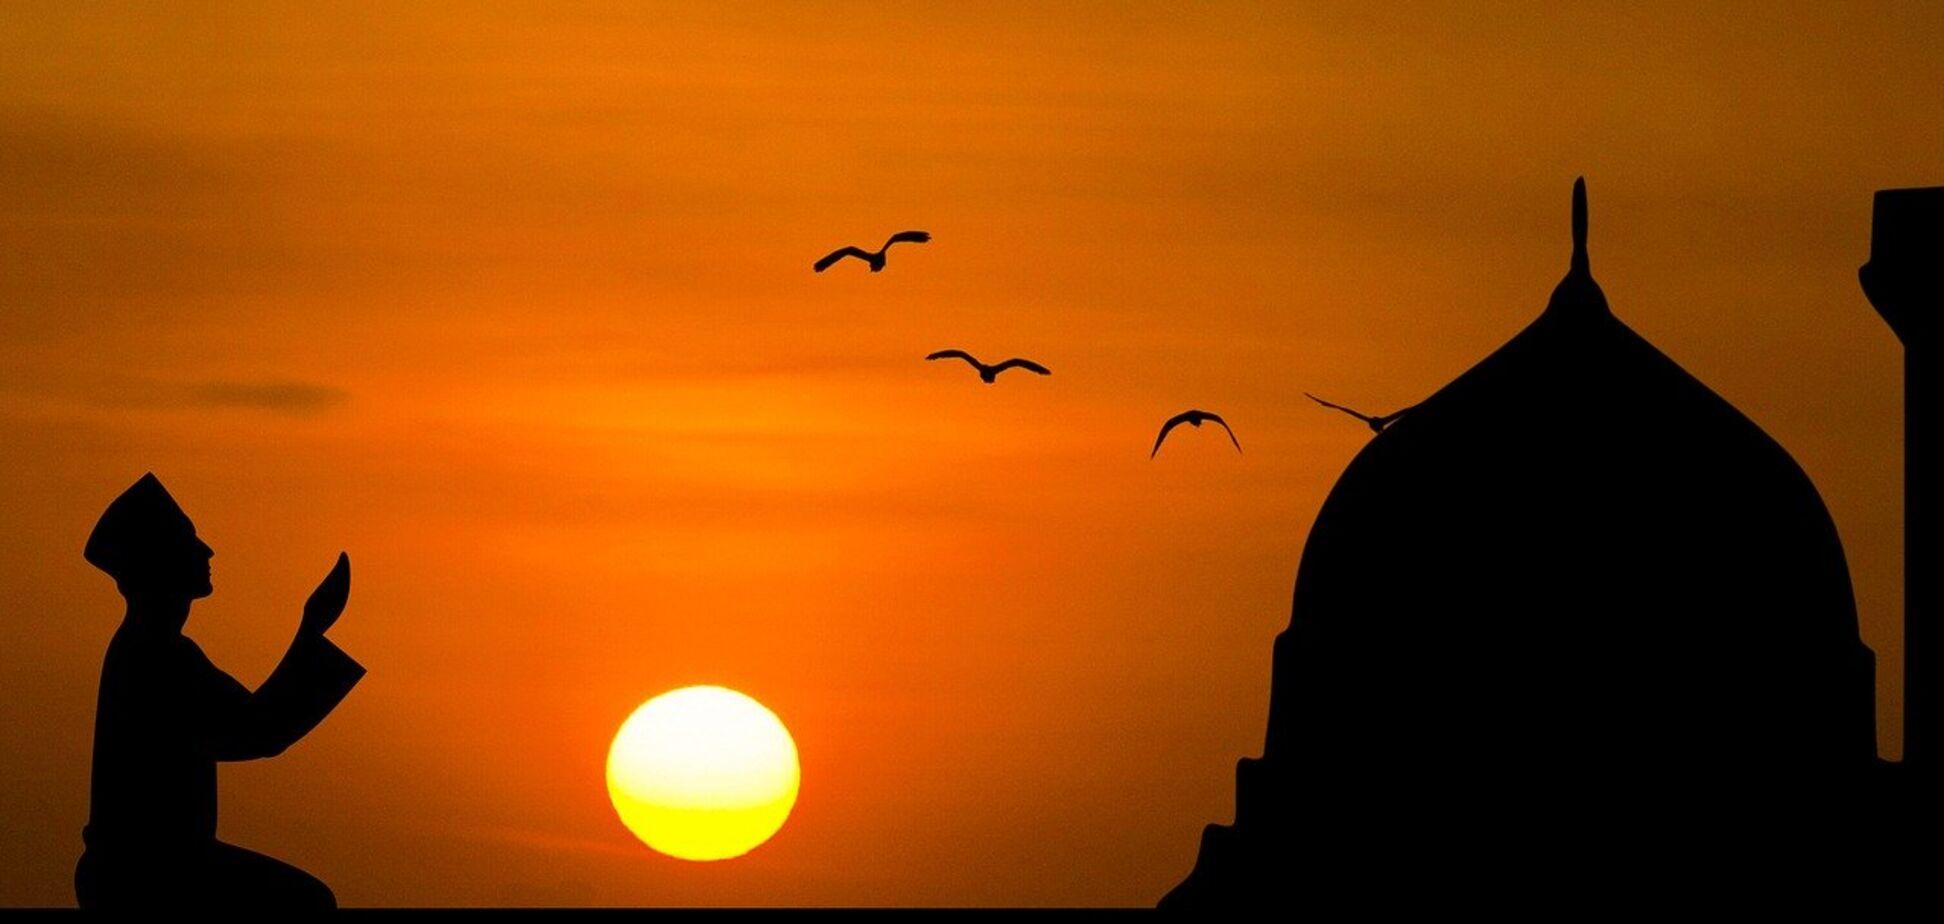 Рамадан 2020: чого не можна робити у священний місяць у мусульман